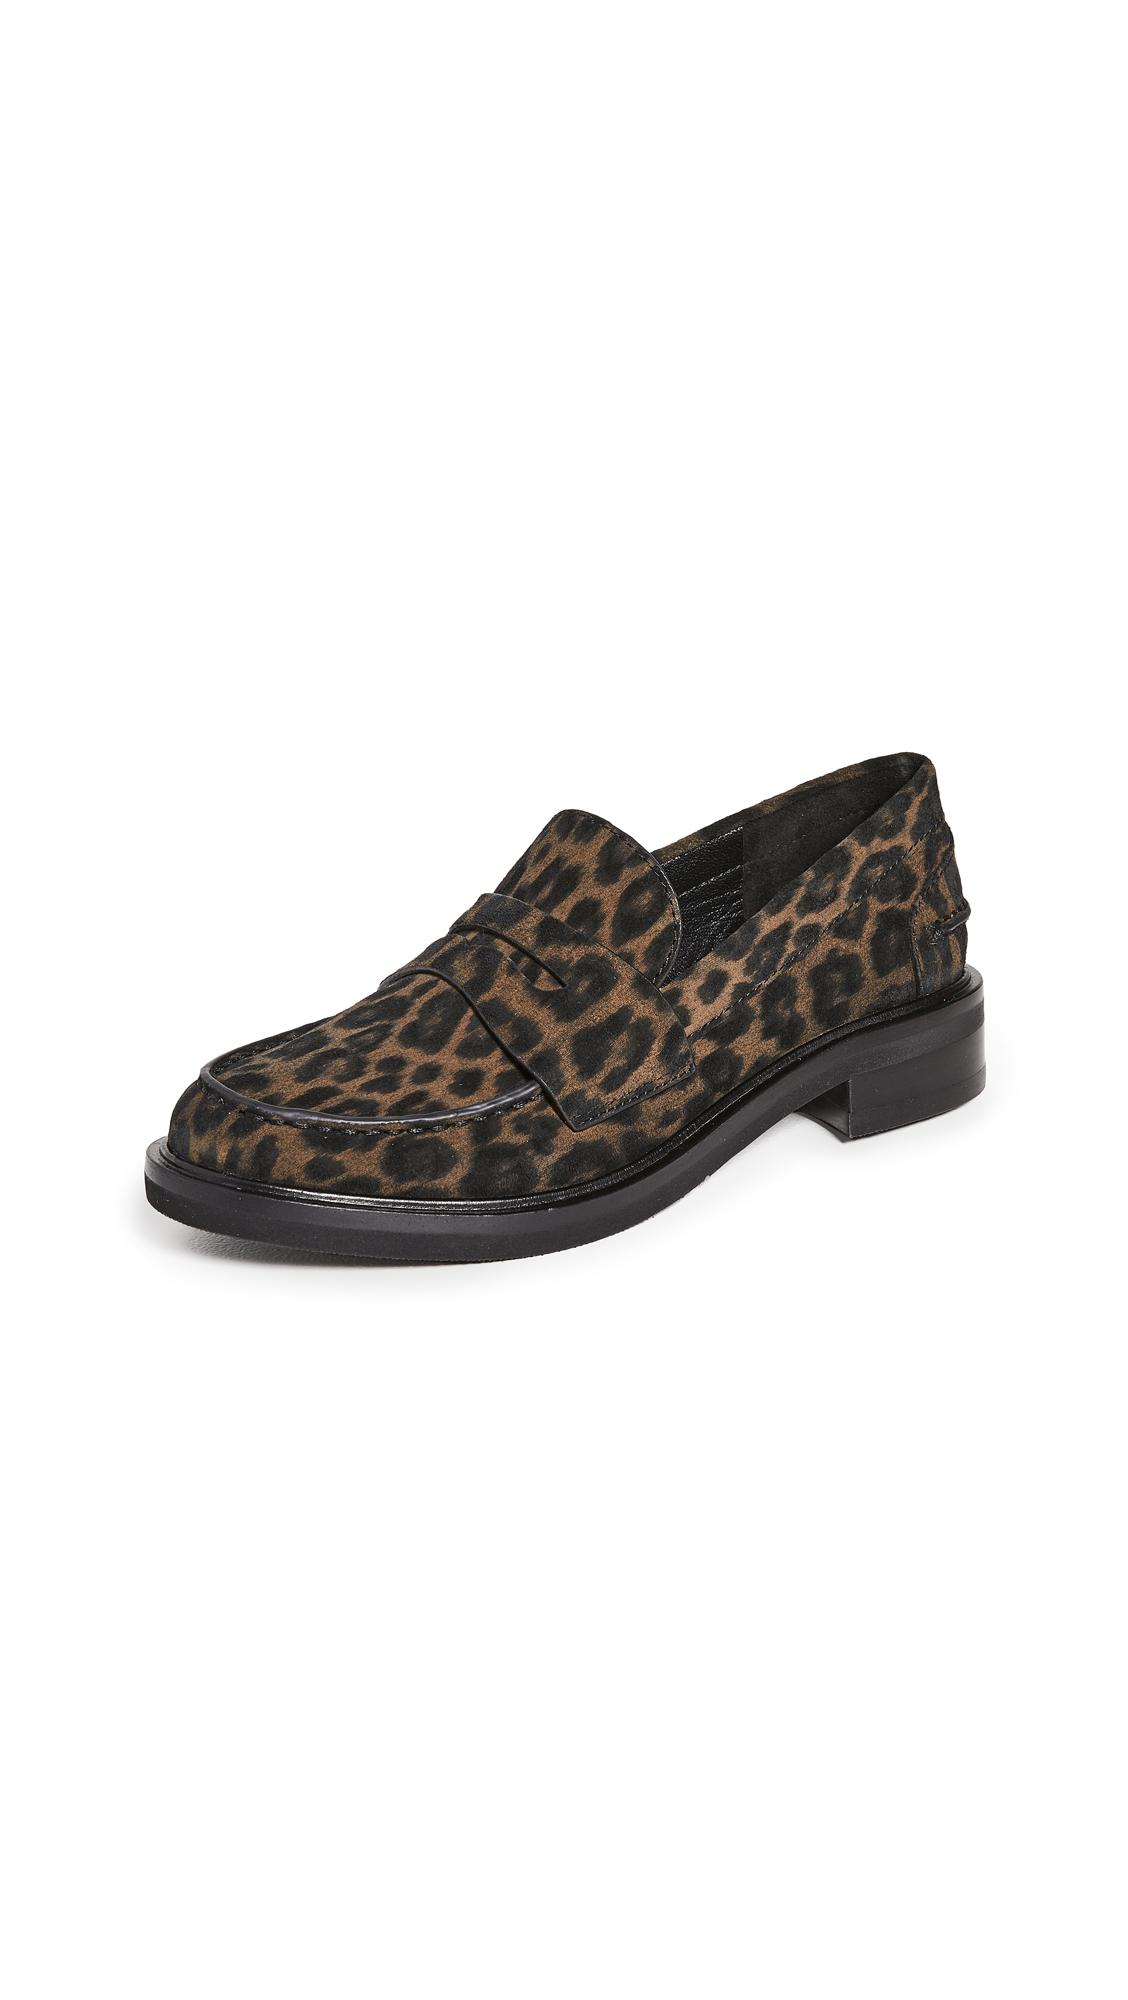 Rag & Bone Slayton Loafers